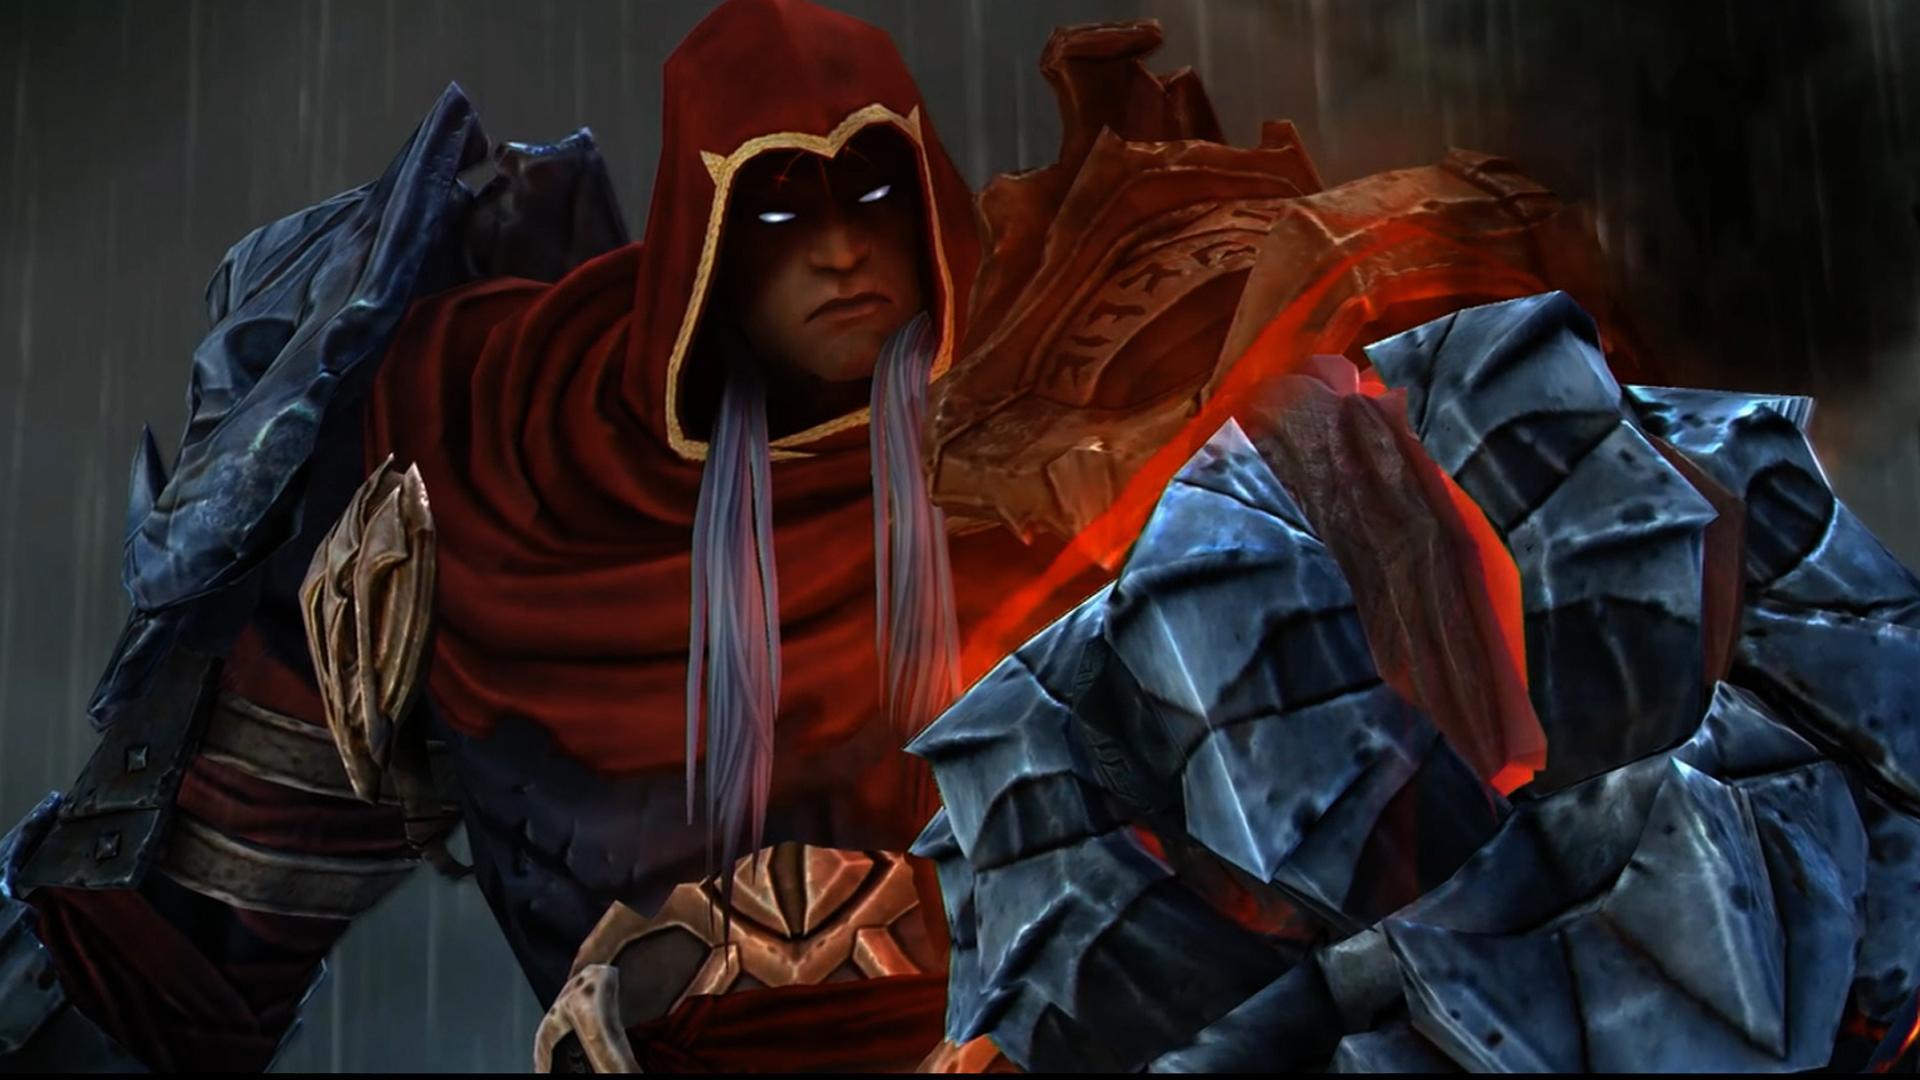 القصة التي يجب أن تعرفها عن أصول Horsemen و Darksiders قبل